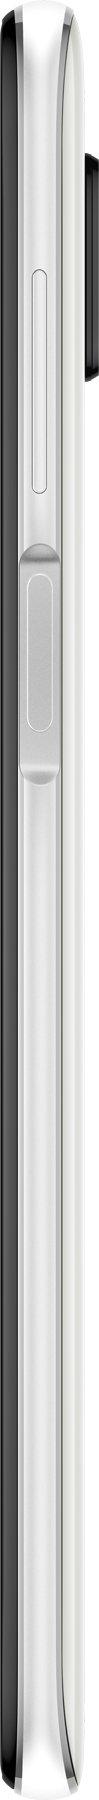 Xiaomi Redmi Note 9S 6GB/128GB White - 5